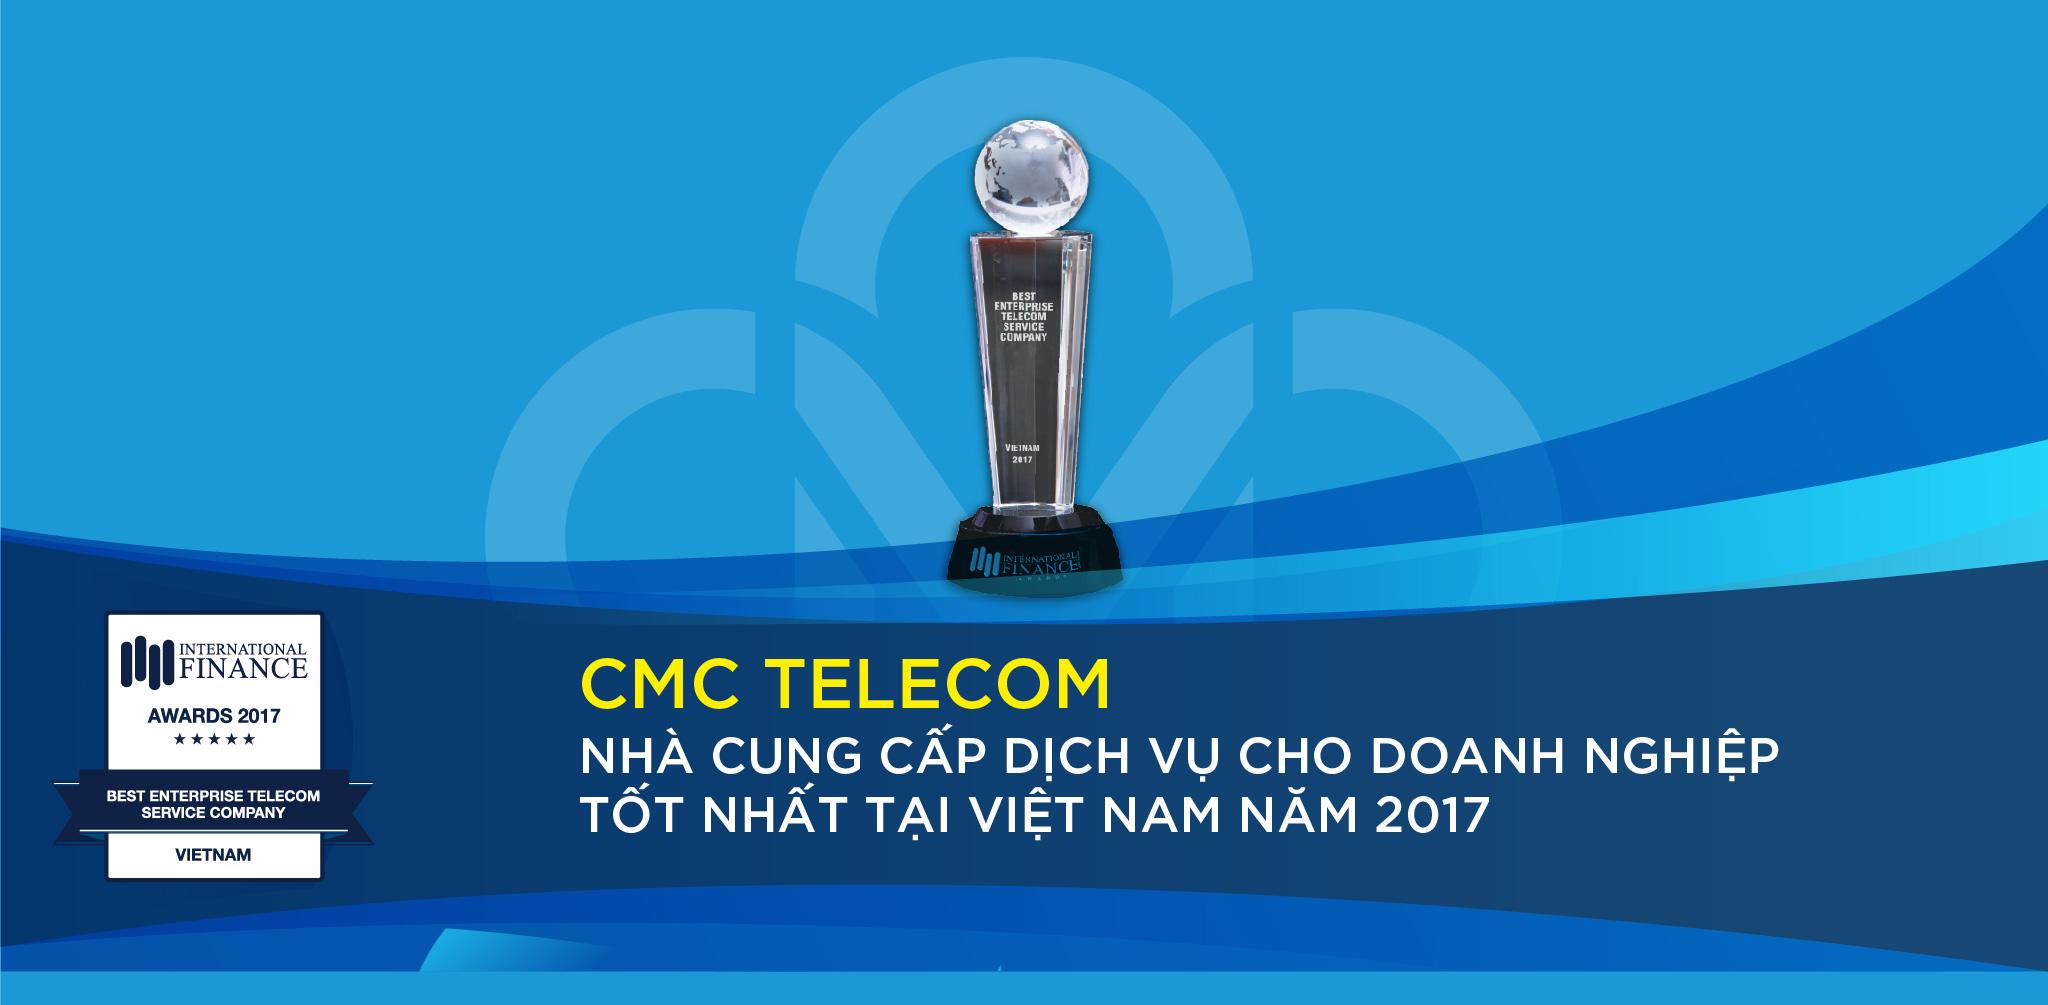 CMC TELECOM Gia tăng giá trị cho khách hàng